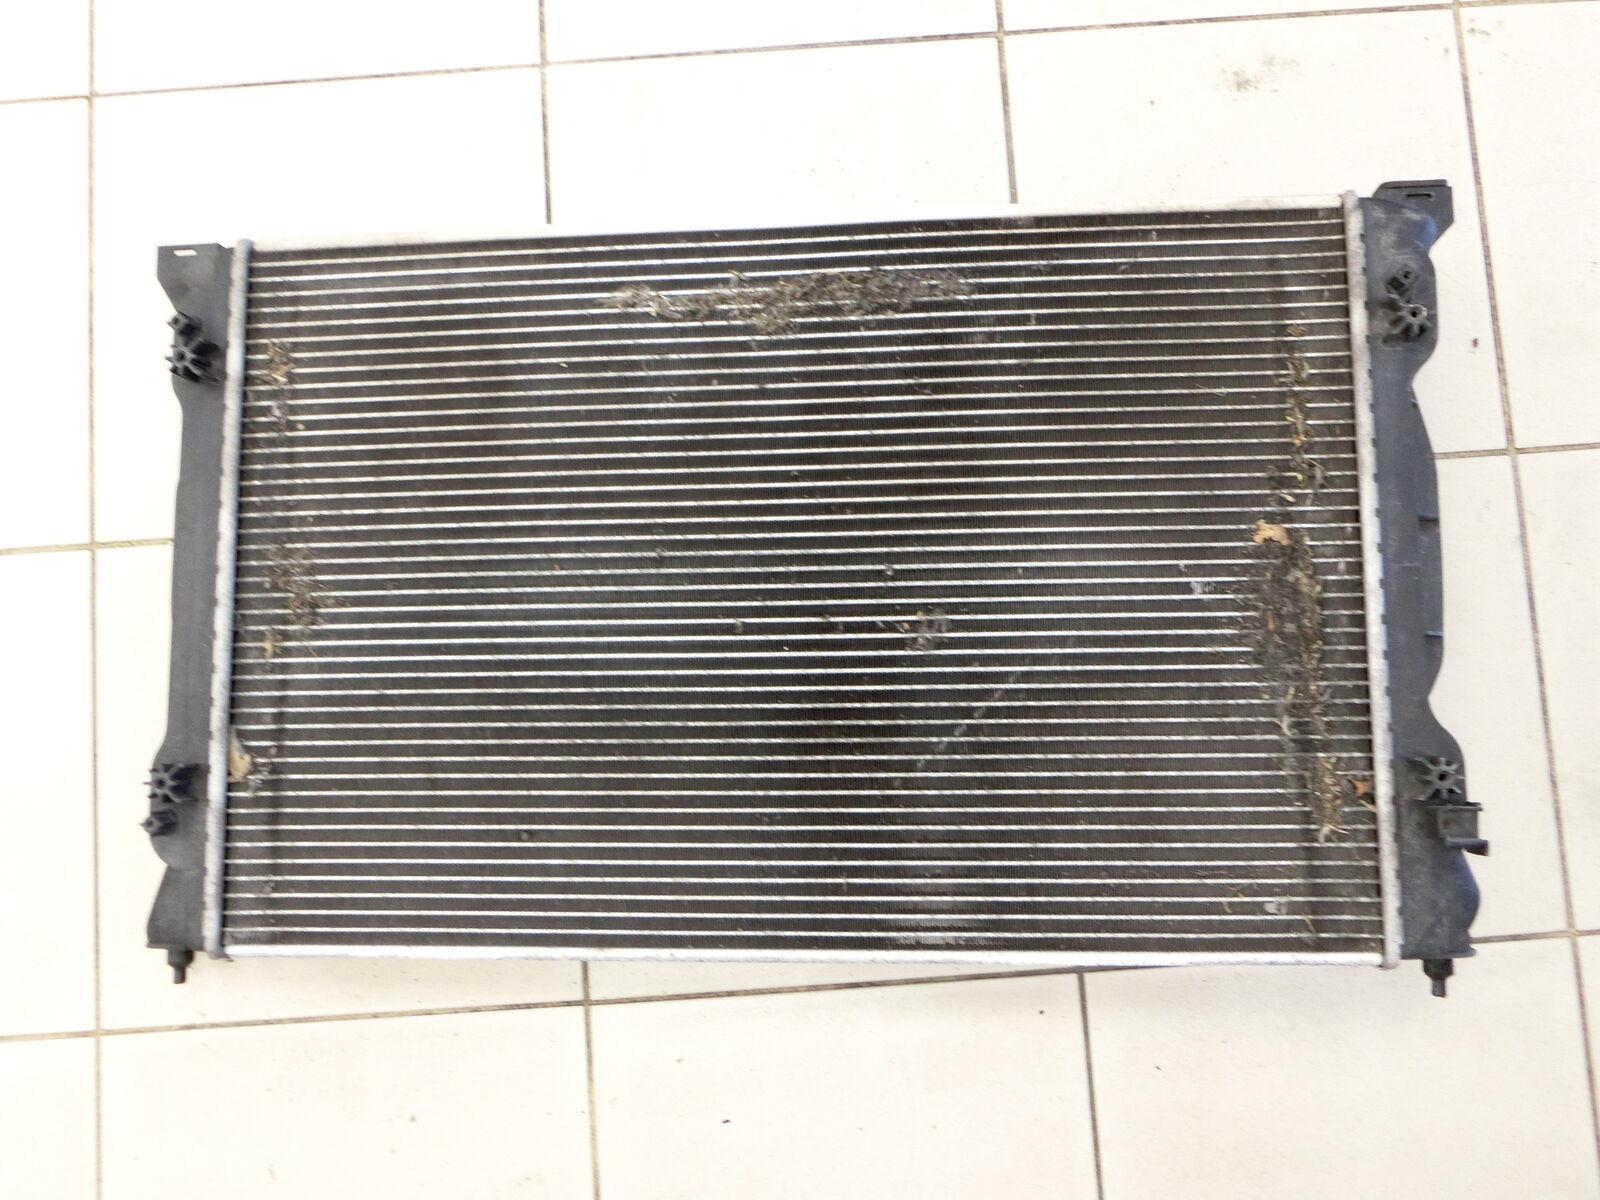 Wasserkühler Kühler für Audi A4 8E B7 04 08 2 0 TDI 103KW LZ9Y